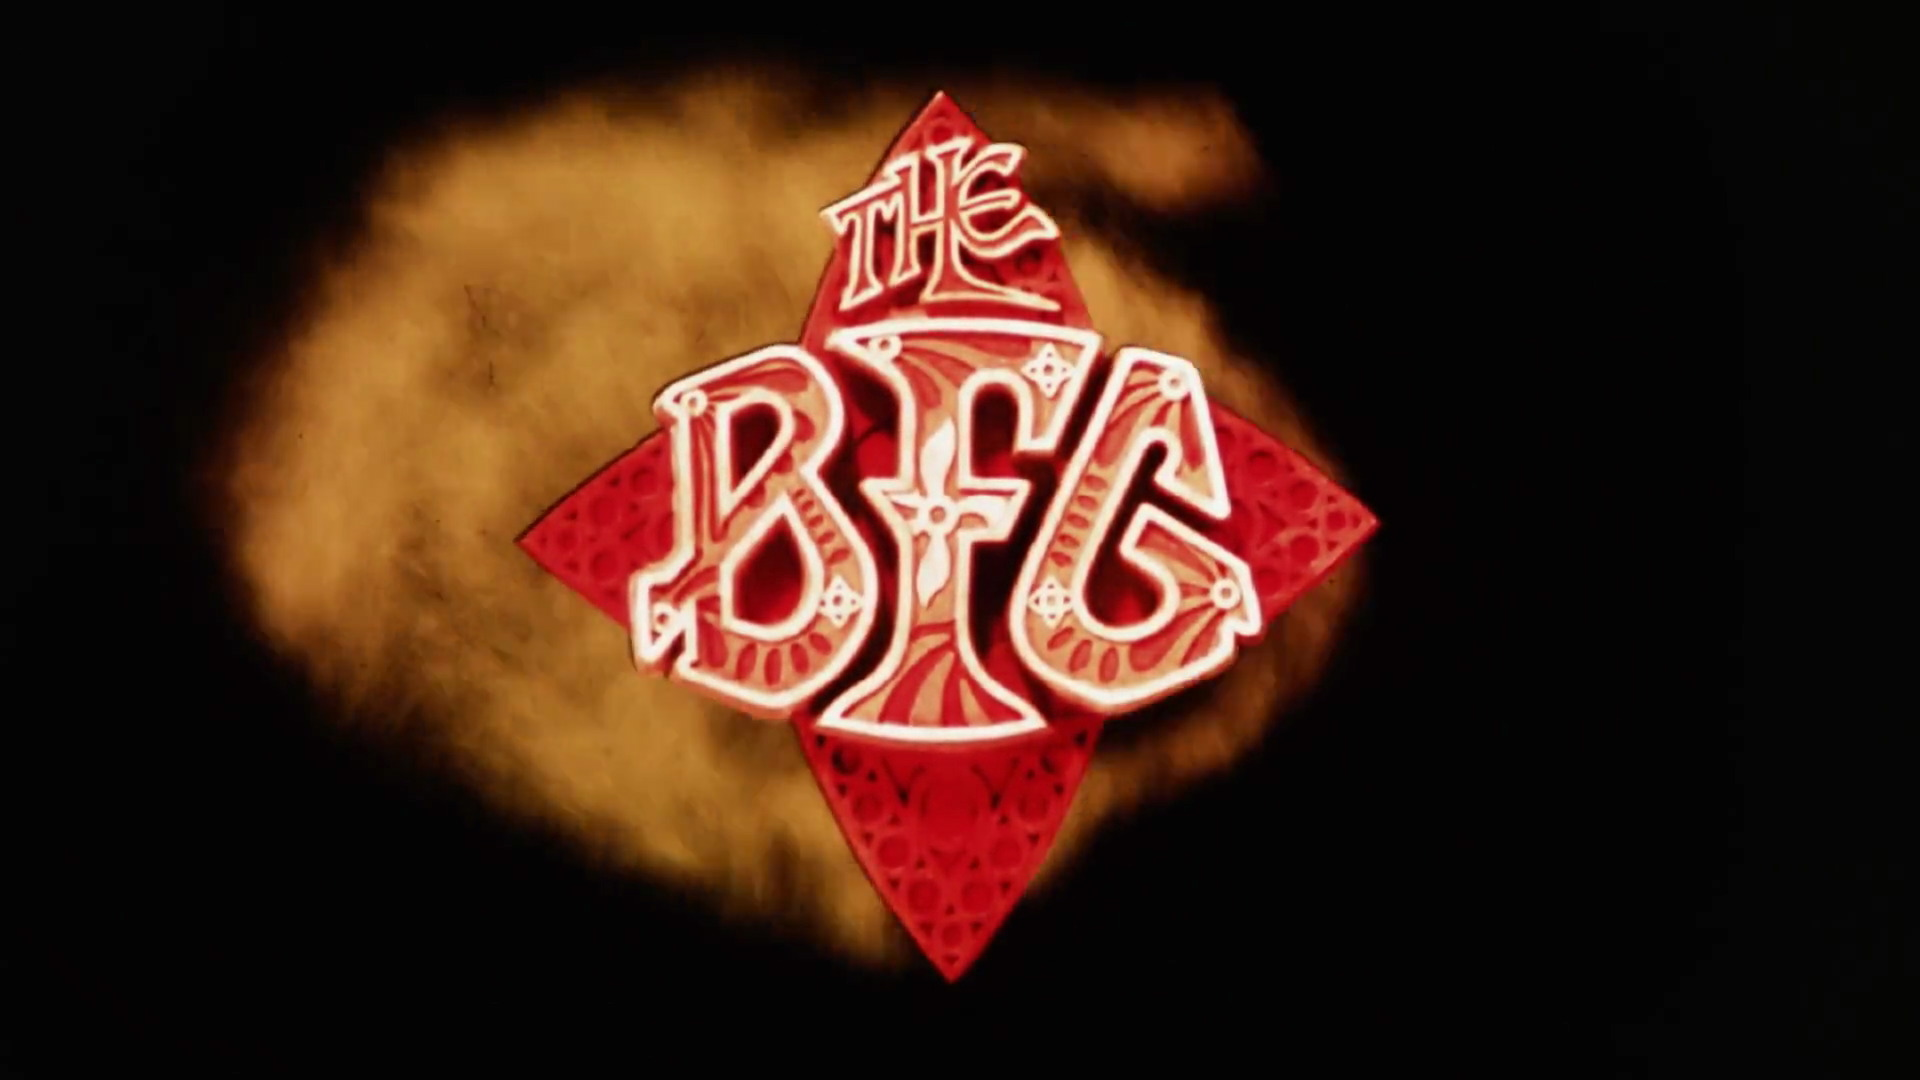 bfg-disneyscreencaps-com